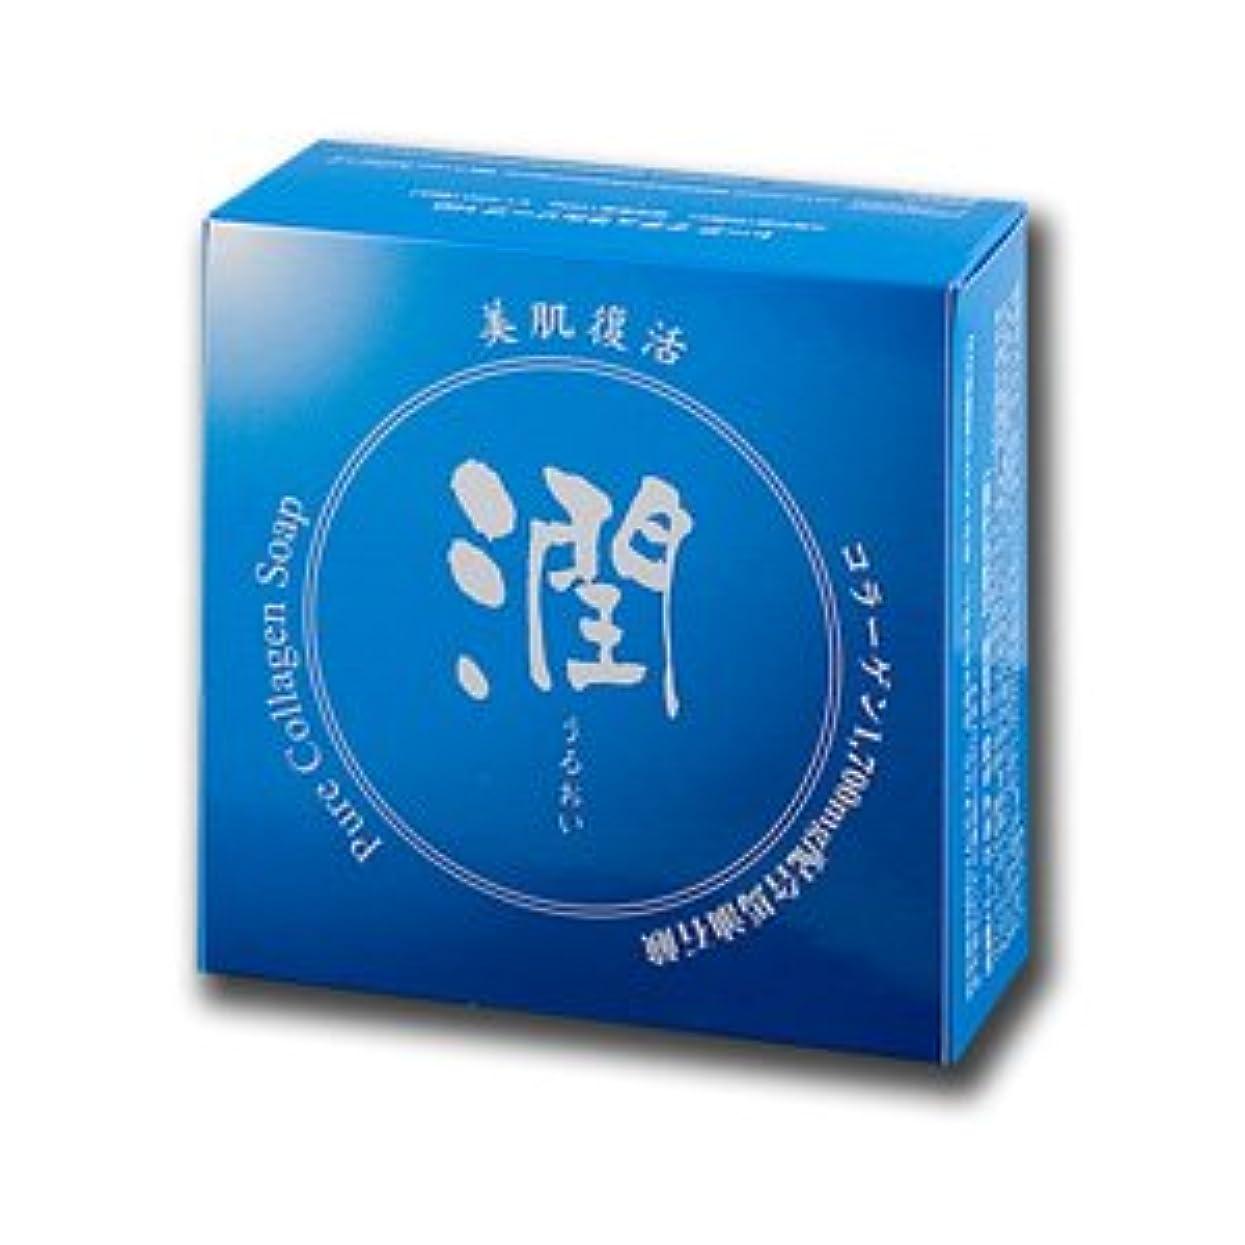 中古不規則な同僚コラーゲン馬油石鹸 潤 100g (#800410) ×10個セット